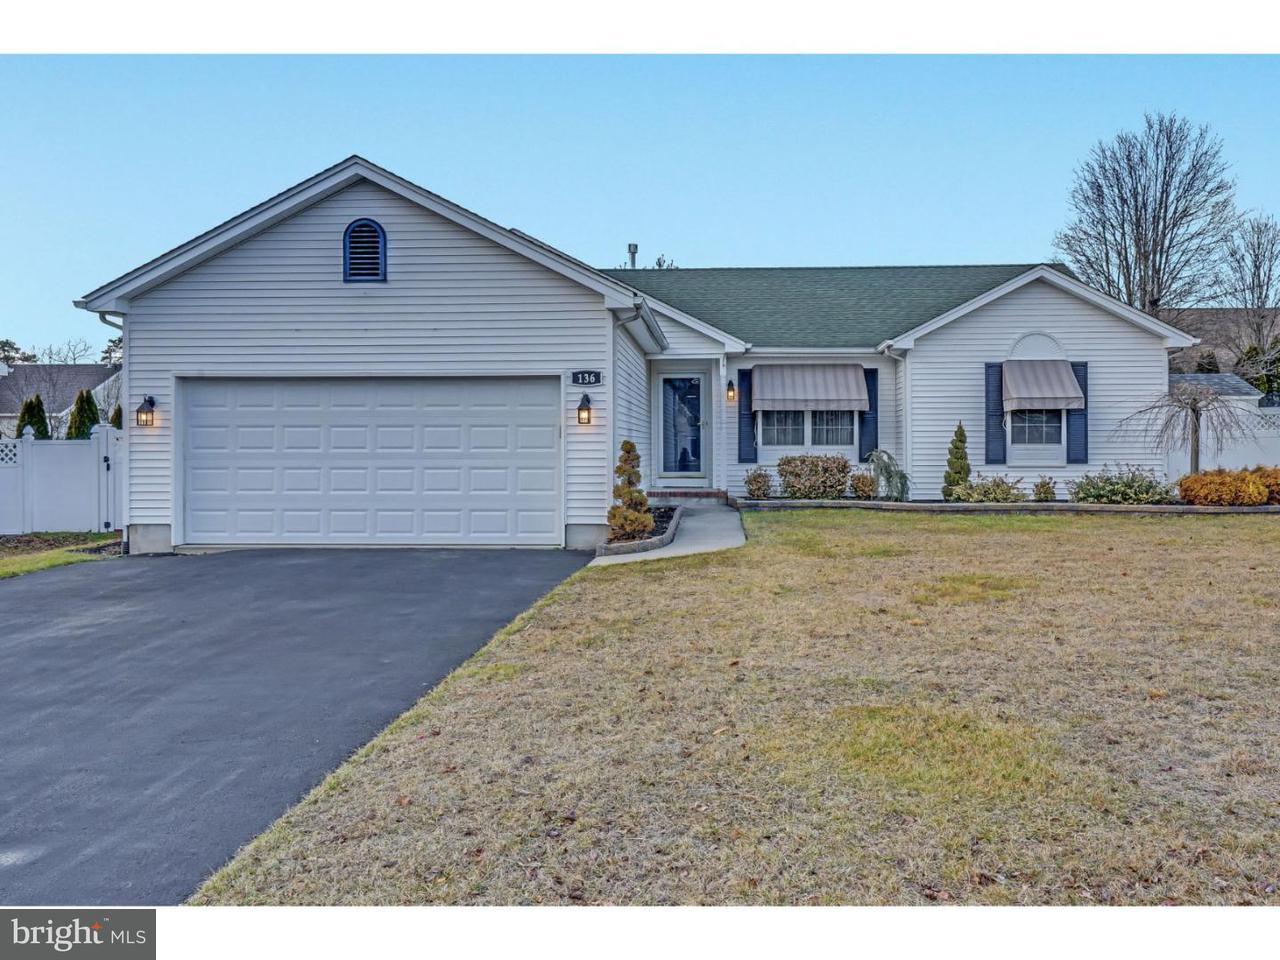 Частный односемейный дом для того Продажа на 136 CRUISE Road Manahawkin, Нью-Джерси 08050 Соединенные Штаты